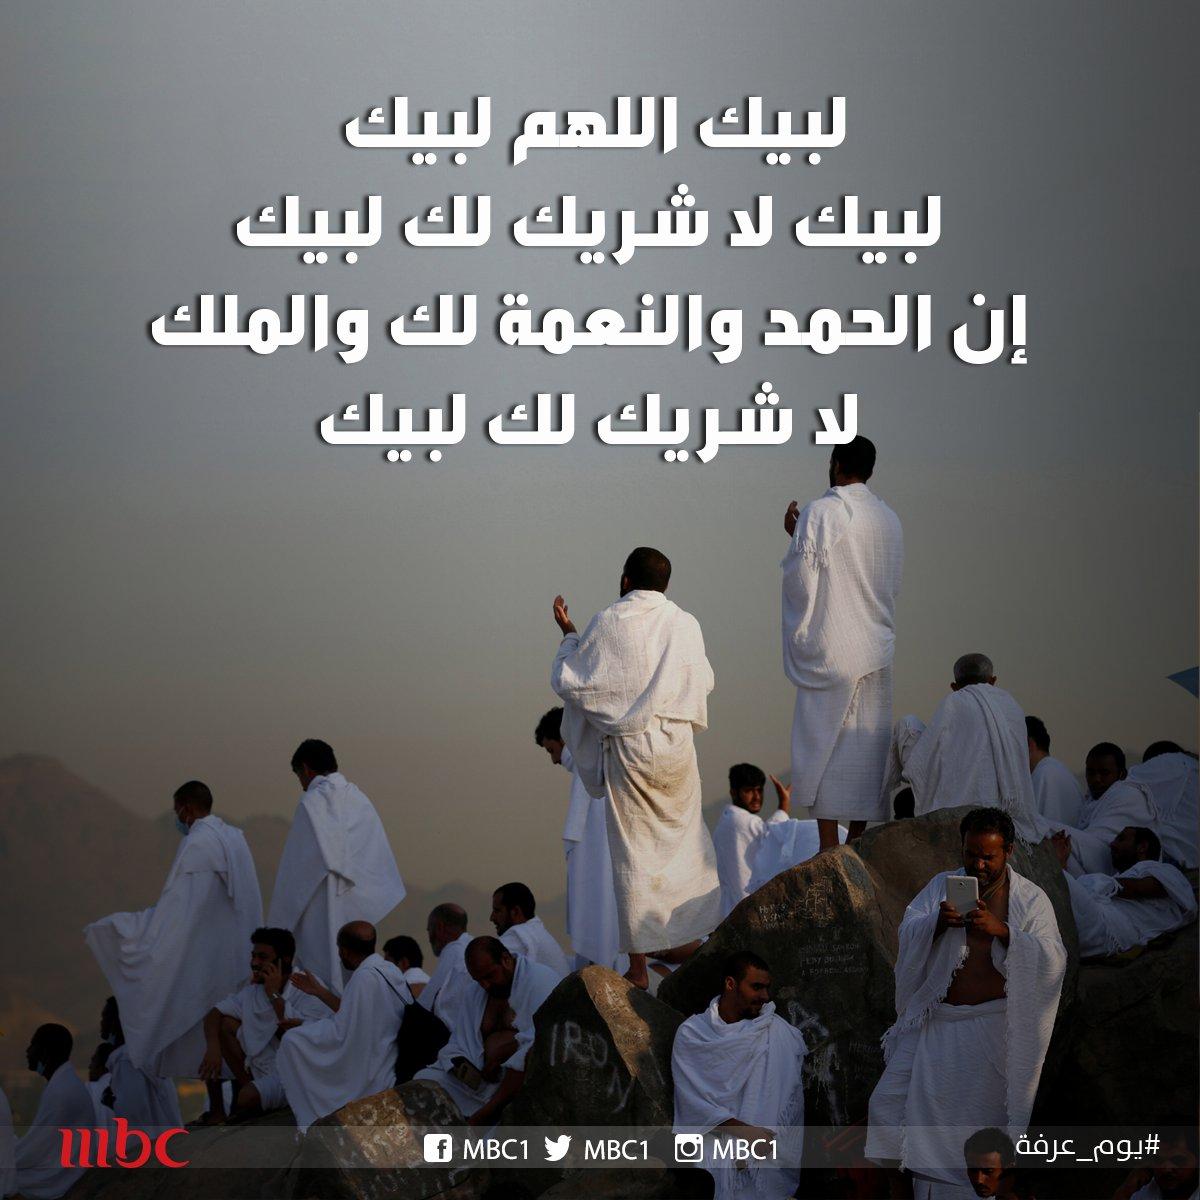 لبيك اللهم لبيك لبيك لا شريك لك لبيك إن الحمد والنعمة لك والملك لا